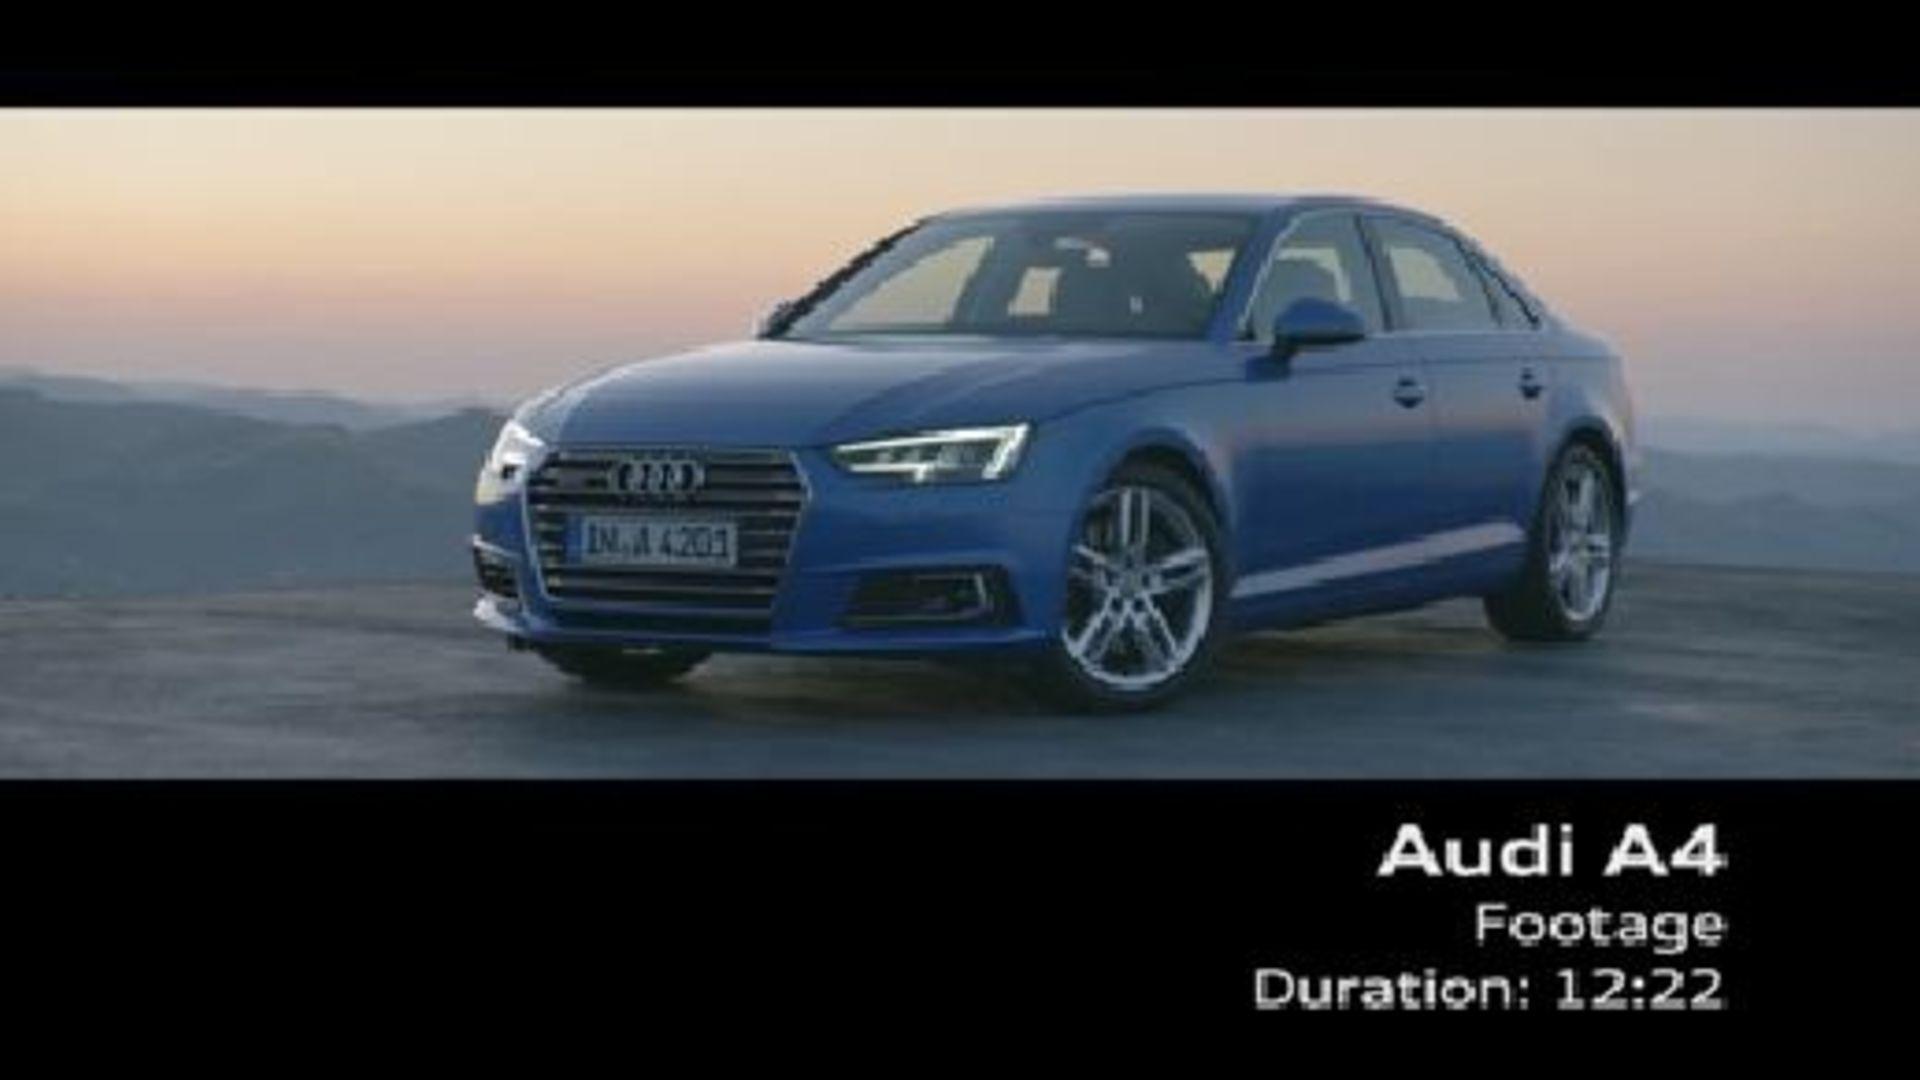 The new Audi A4 Sedan (2015) - Footage